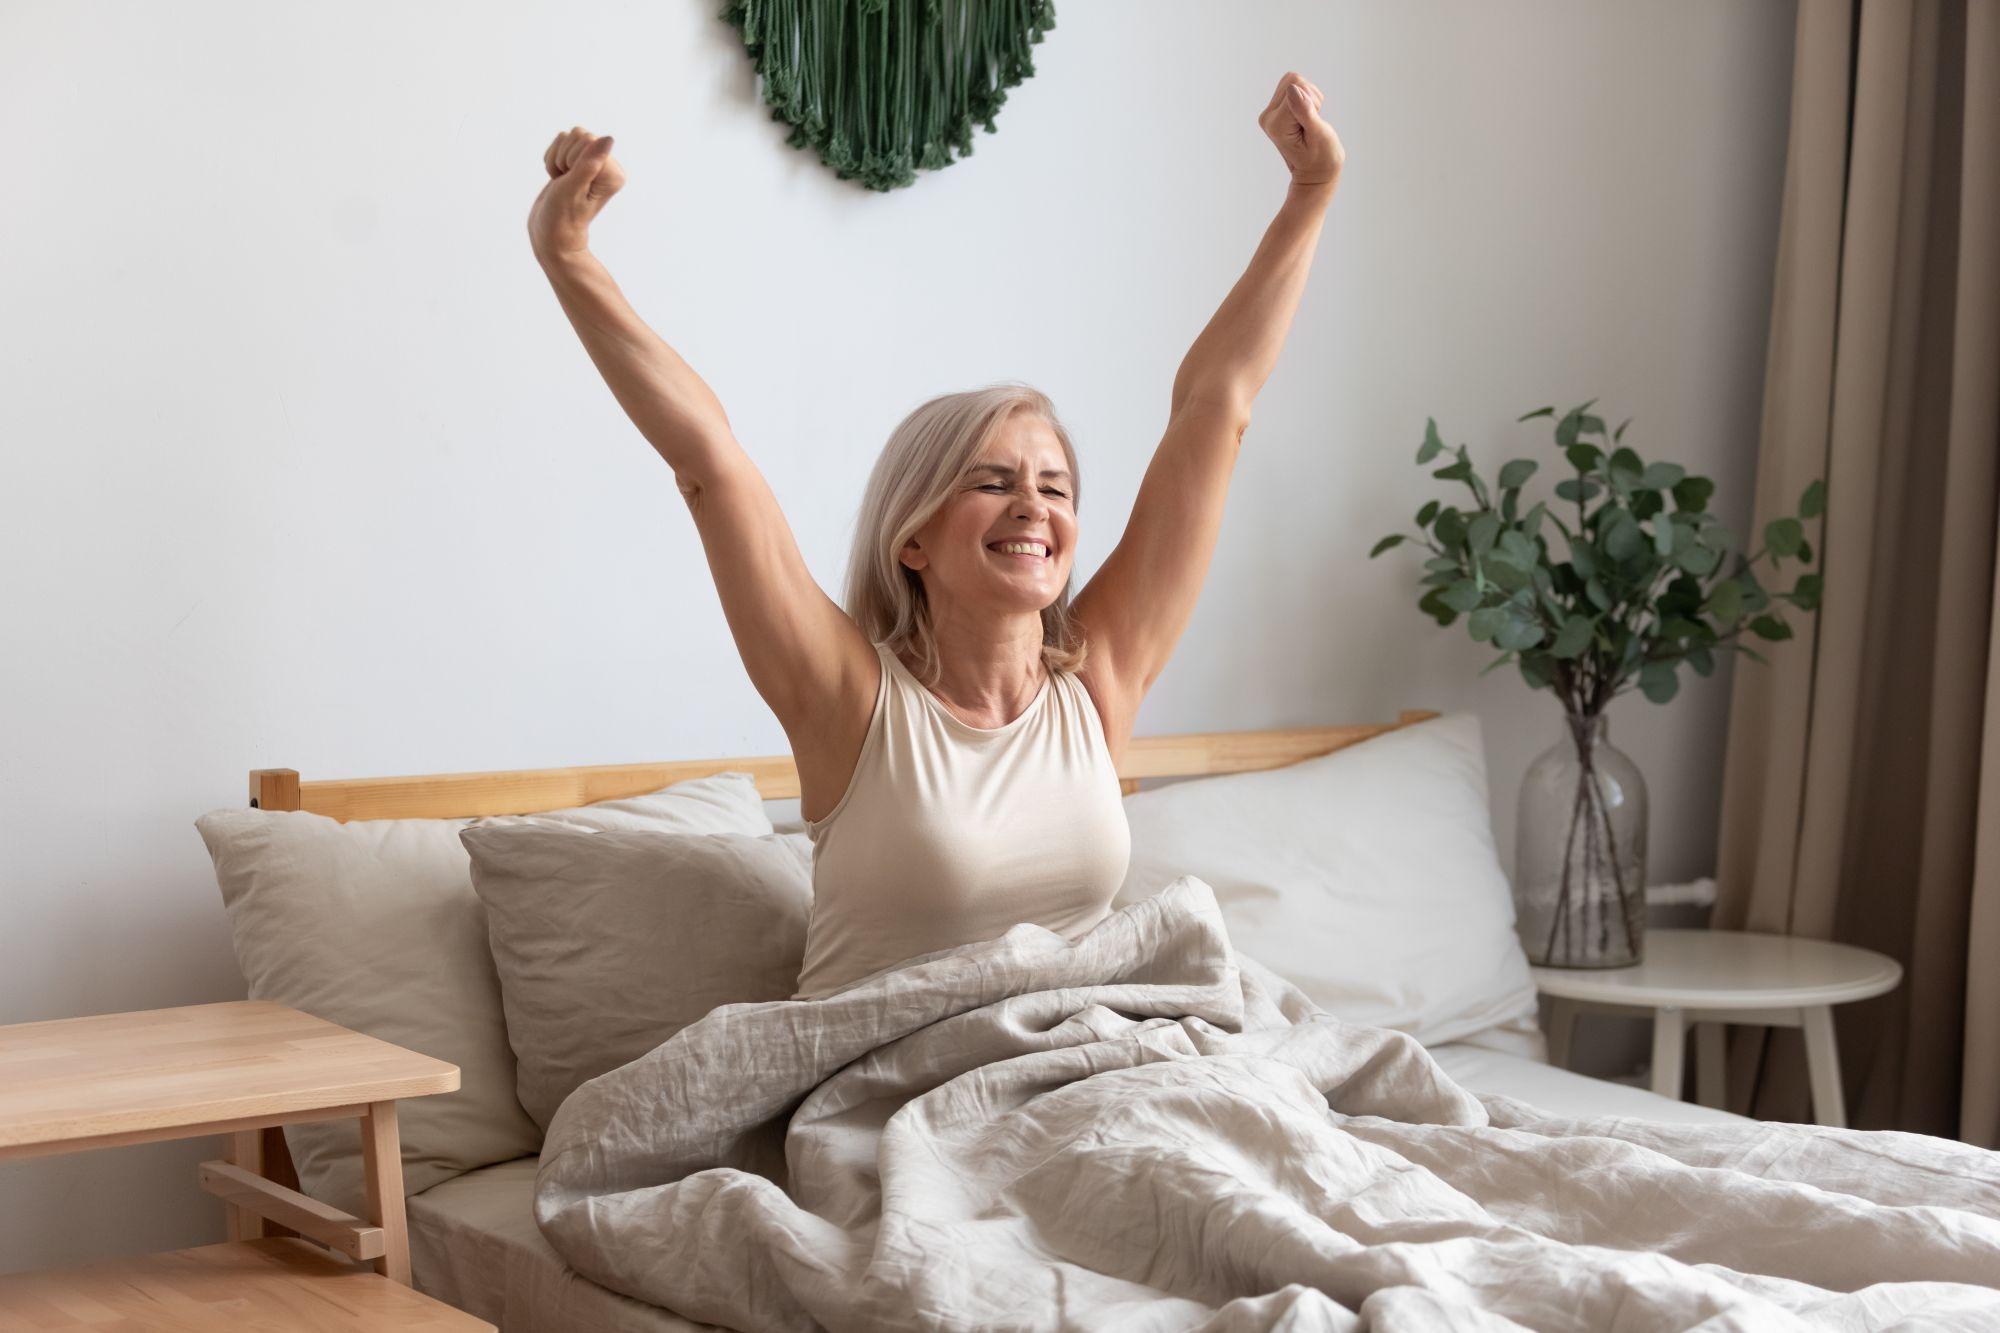 Erholsam schlafen im Bett, Komfortbett, auf der richtigen Matratze mit passendem Lattenrost